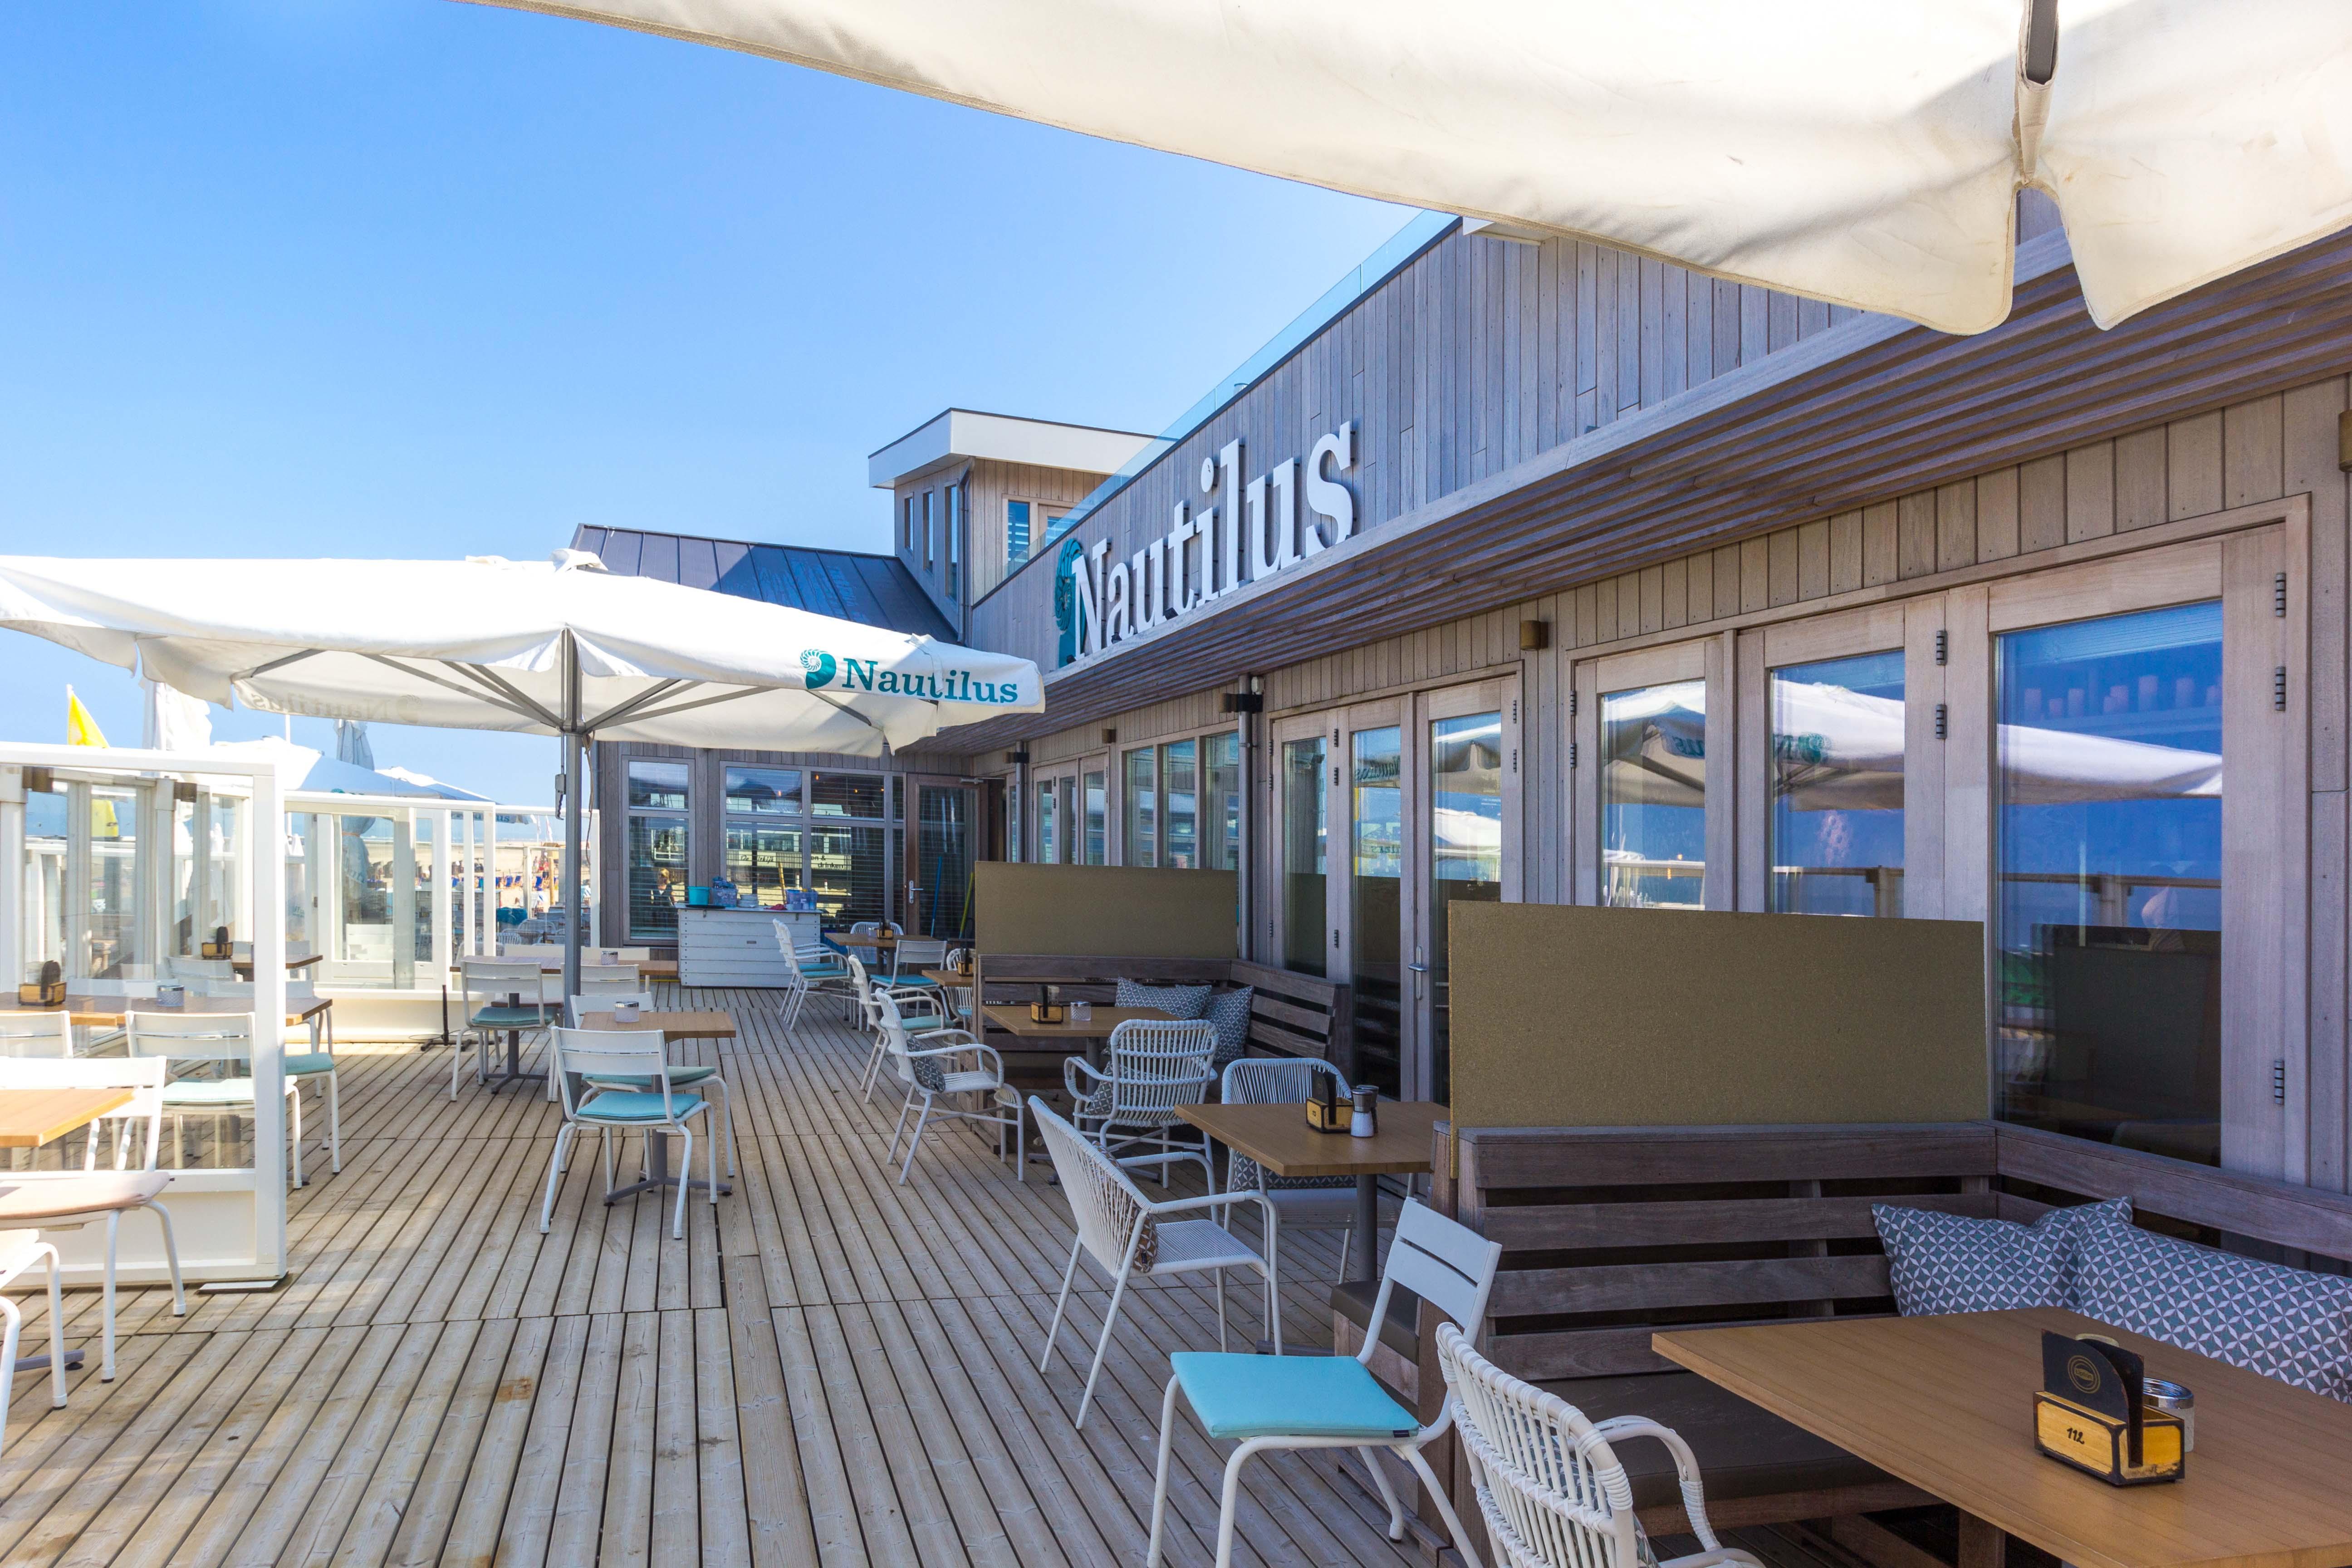 Nautilus-Egmond-aan-zee-8649